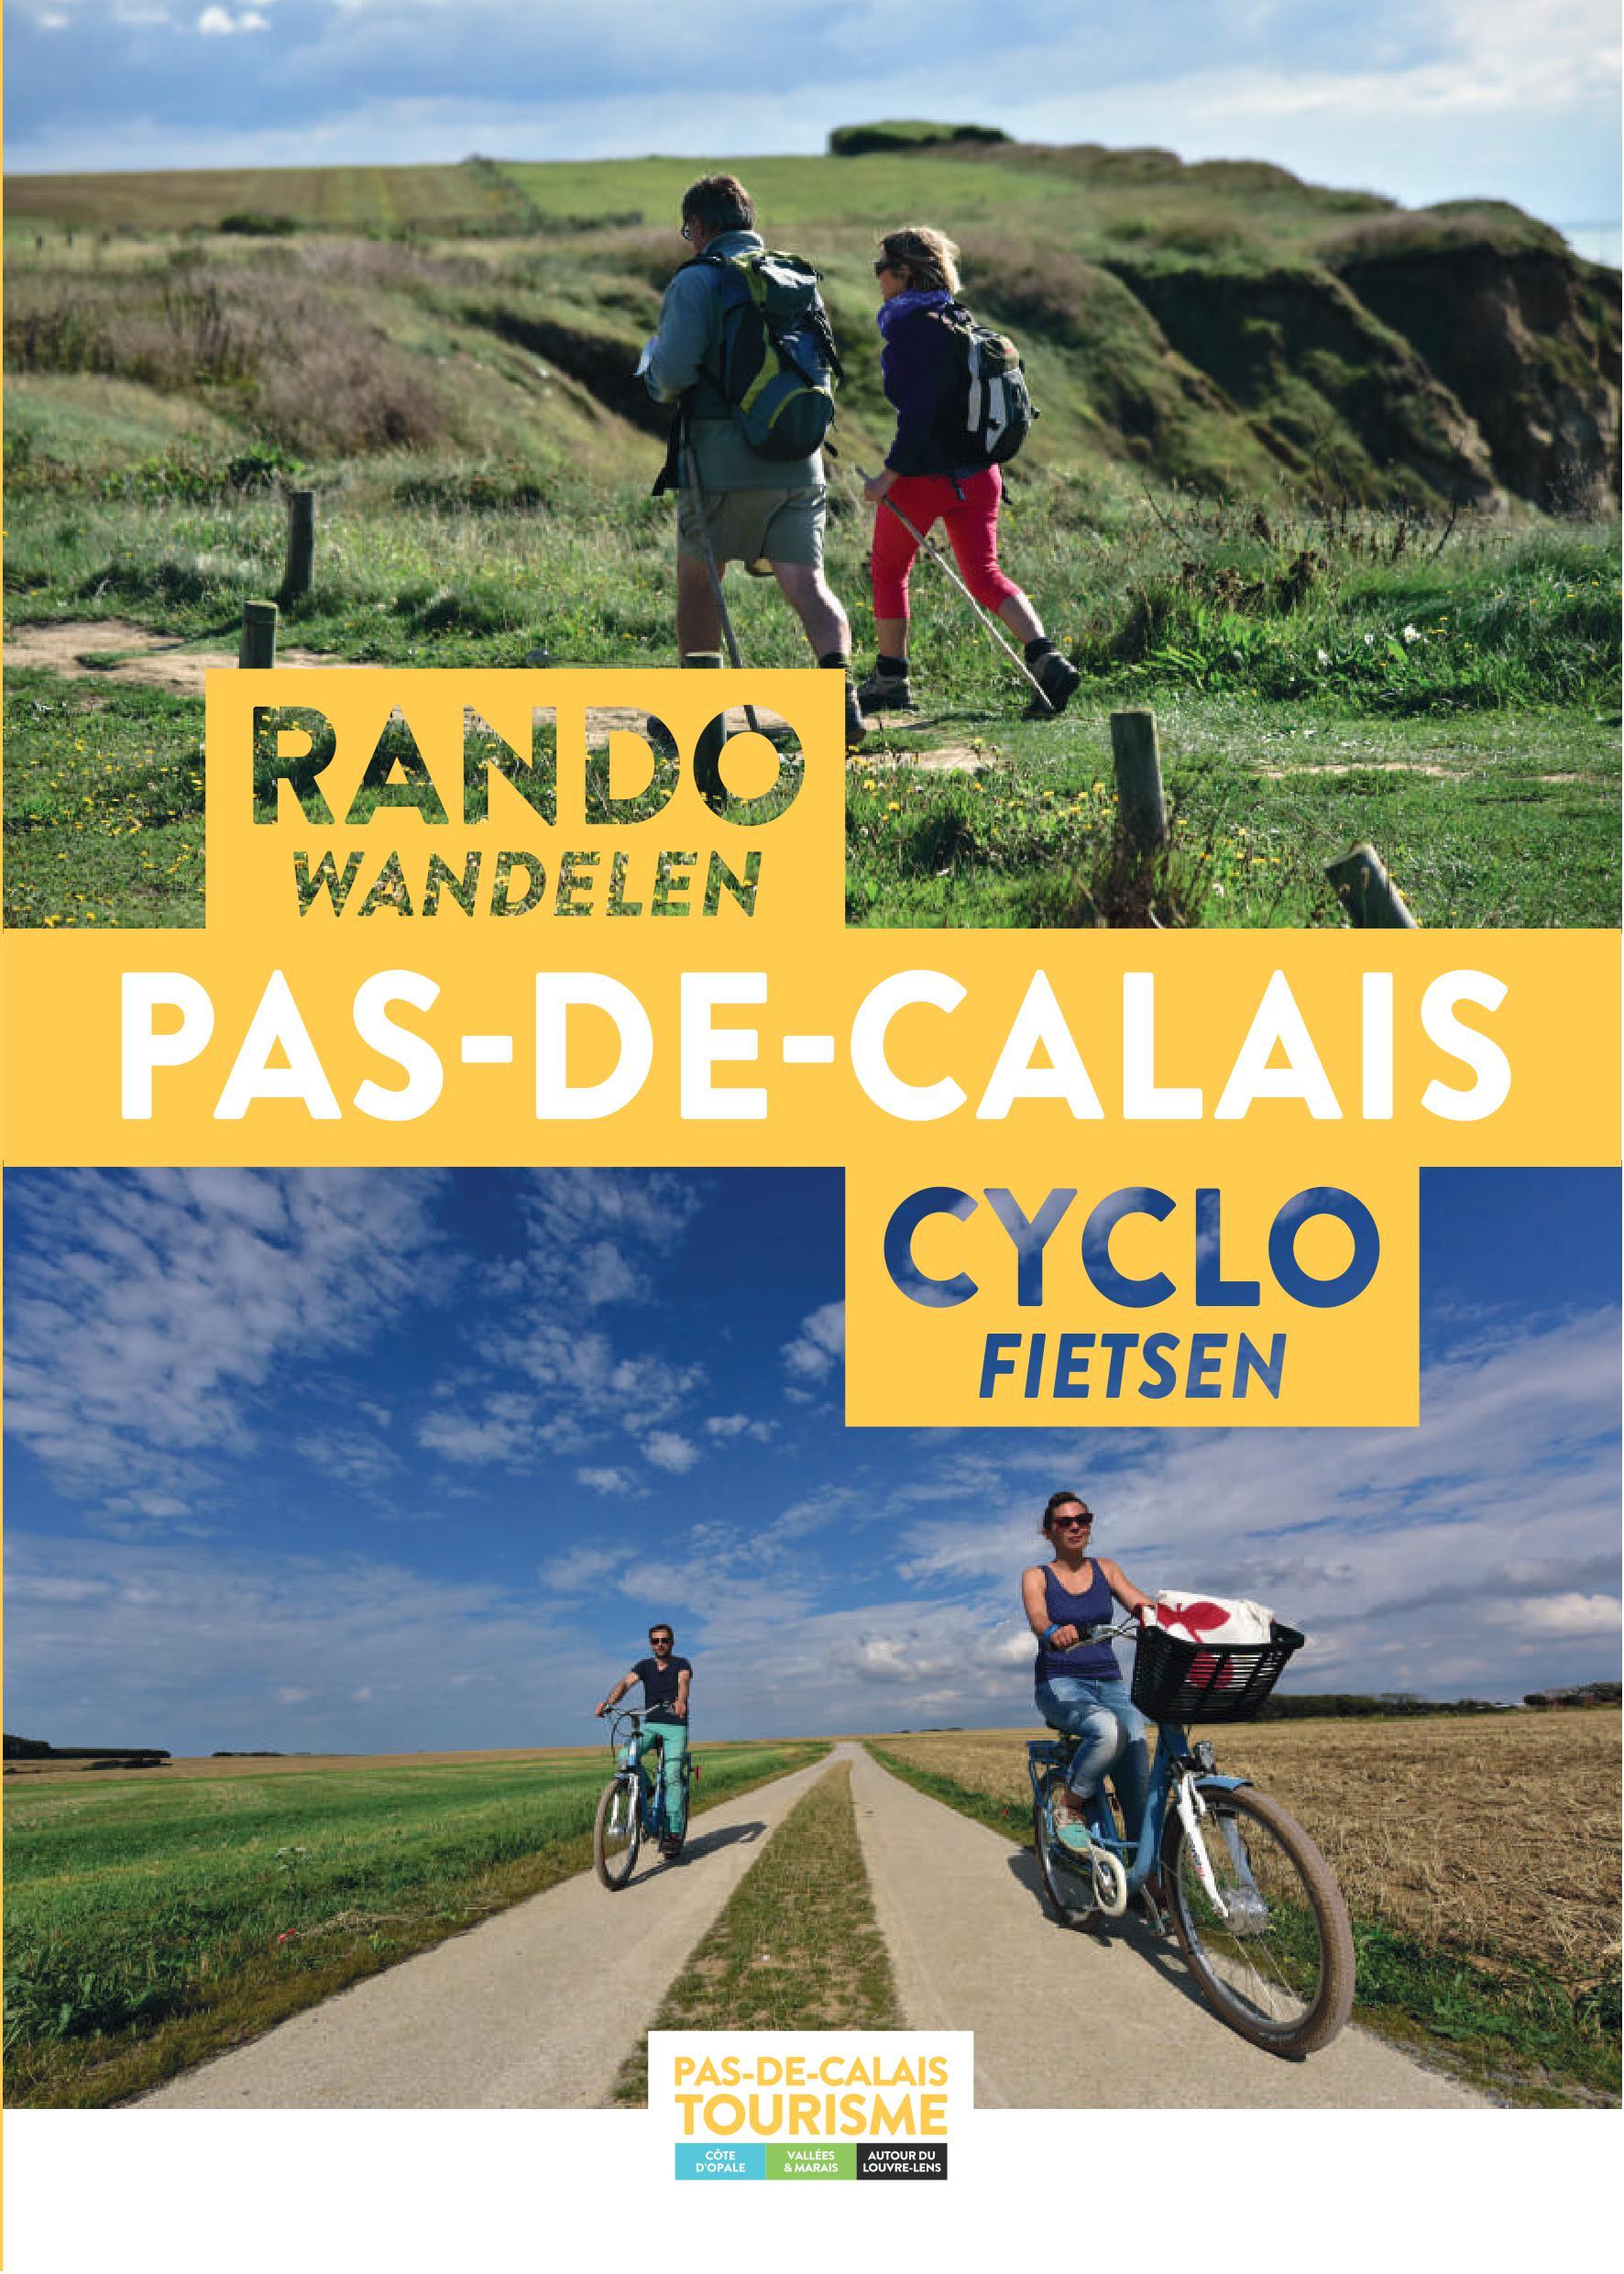 Rando-Cyclo Pas-de-Calais